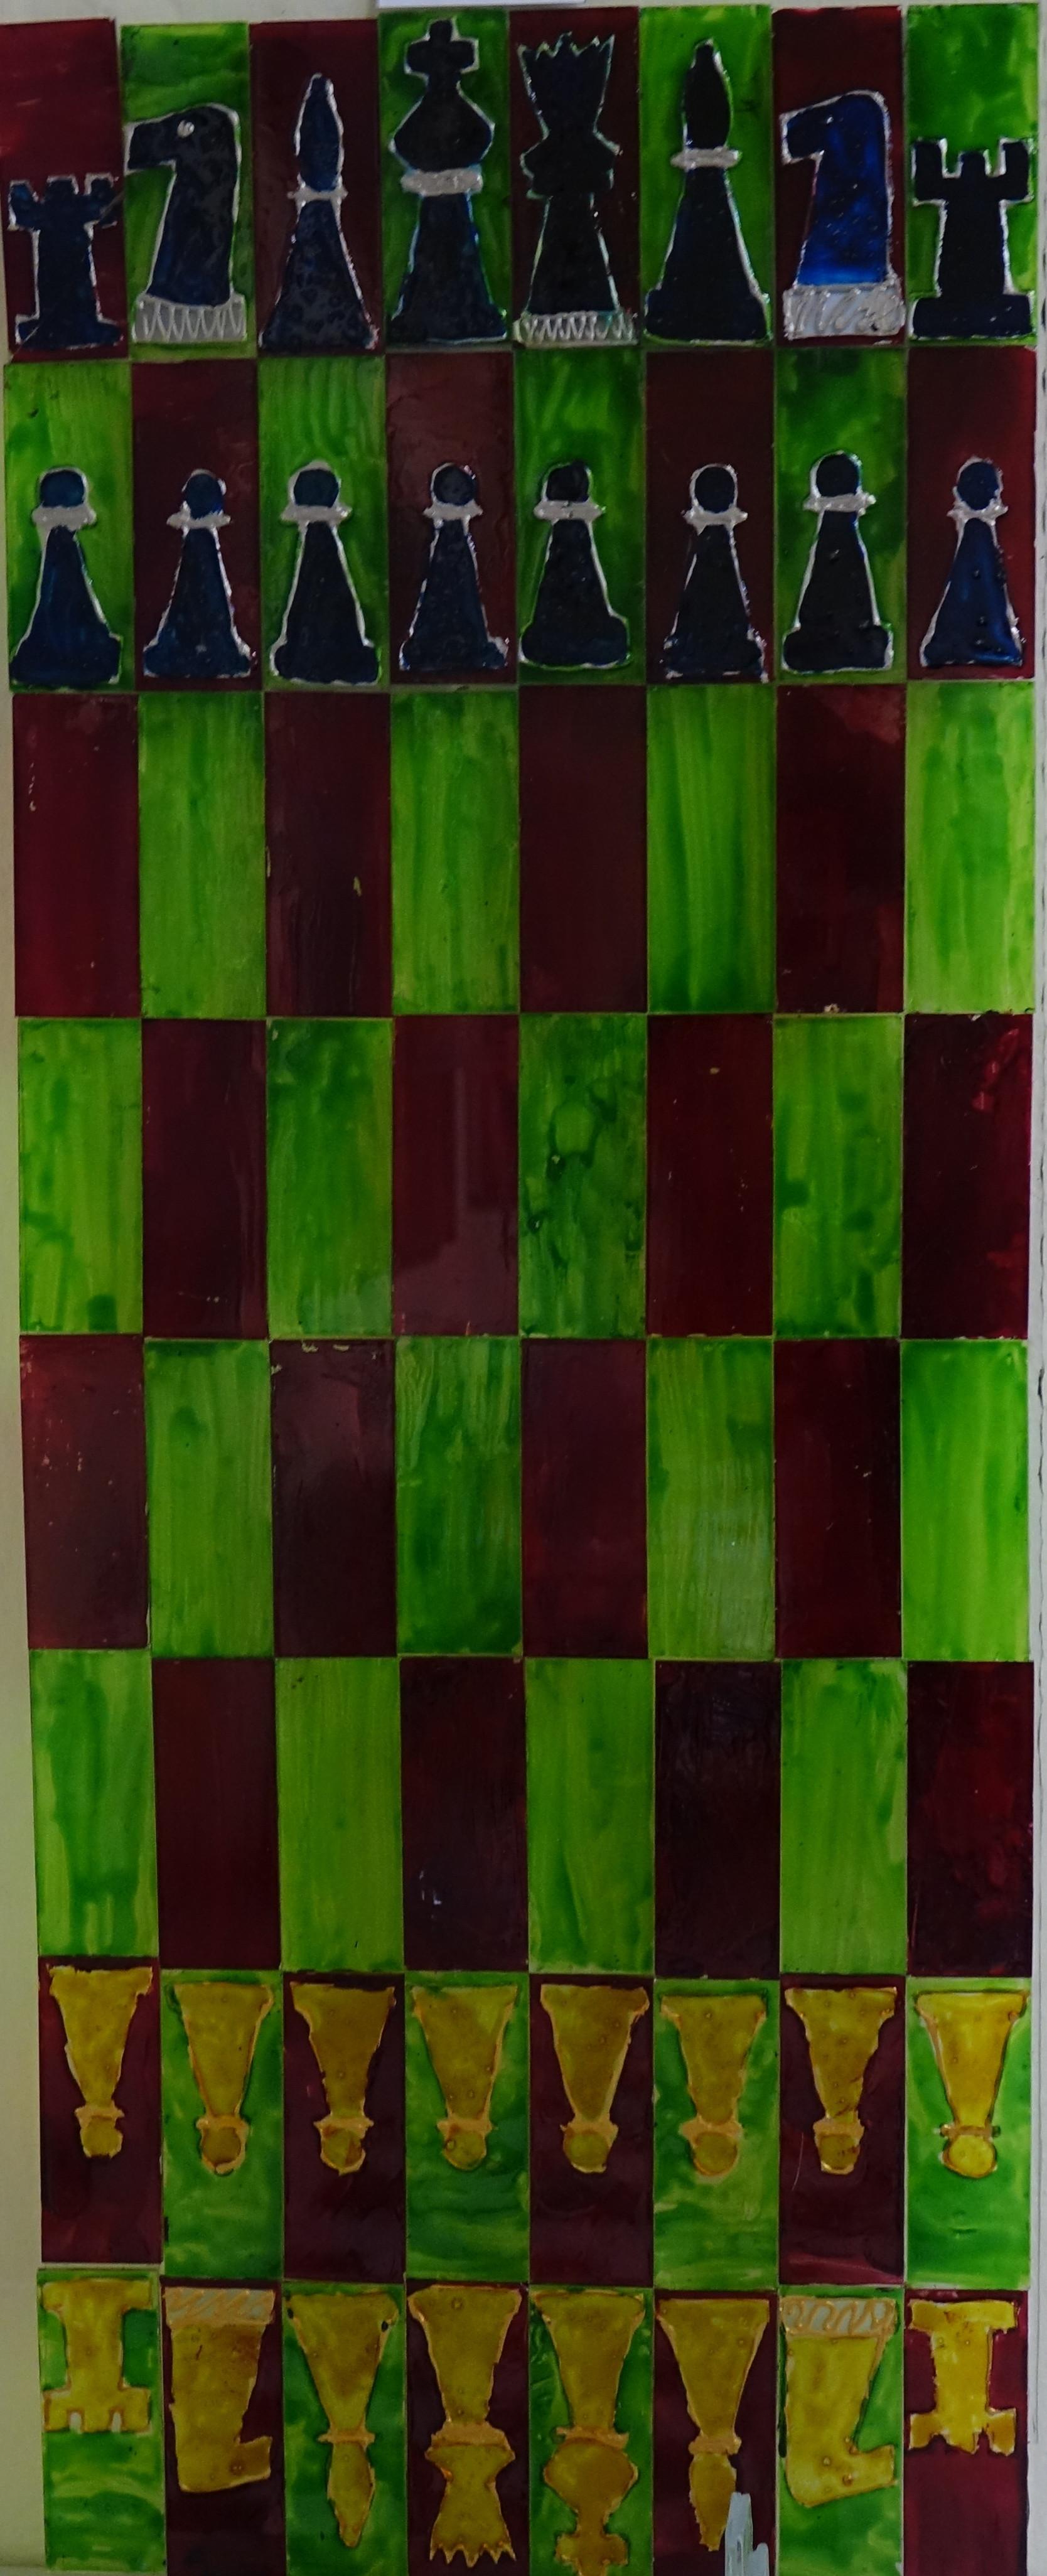 Szklane szachy. Autorka - Jagoda Wróbel.